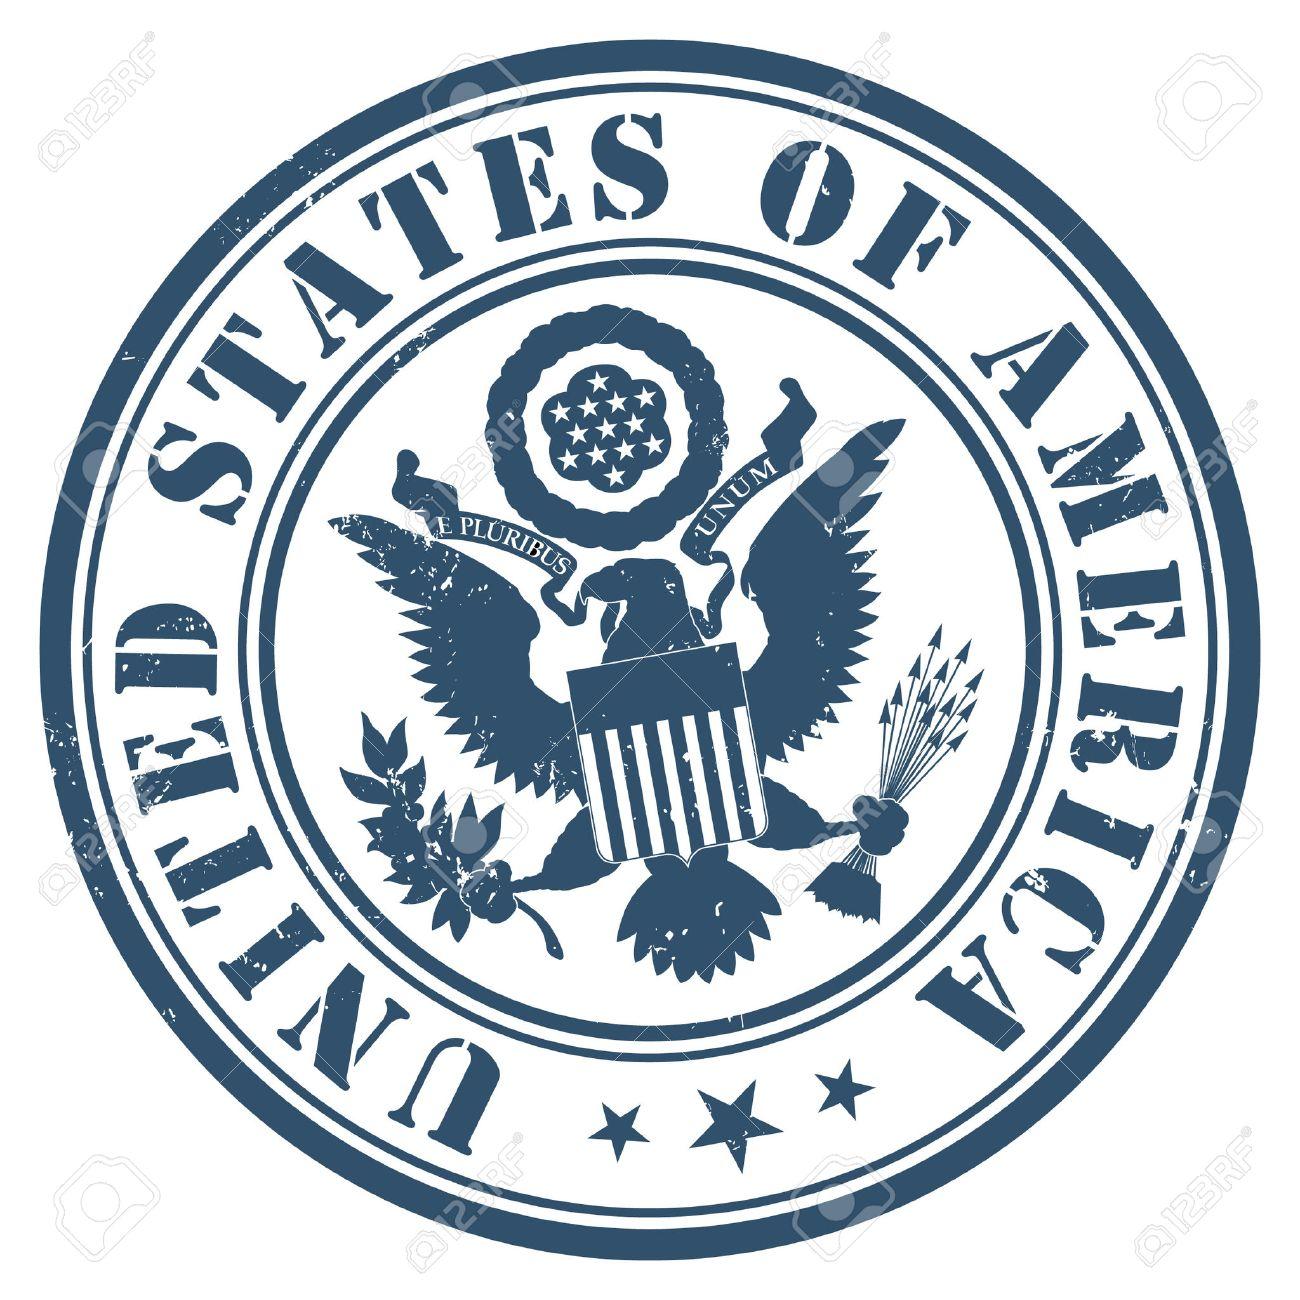 US passport seal gold on dark blue background. - 52359074